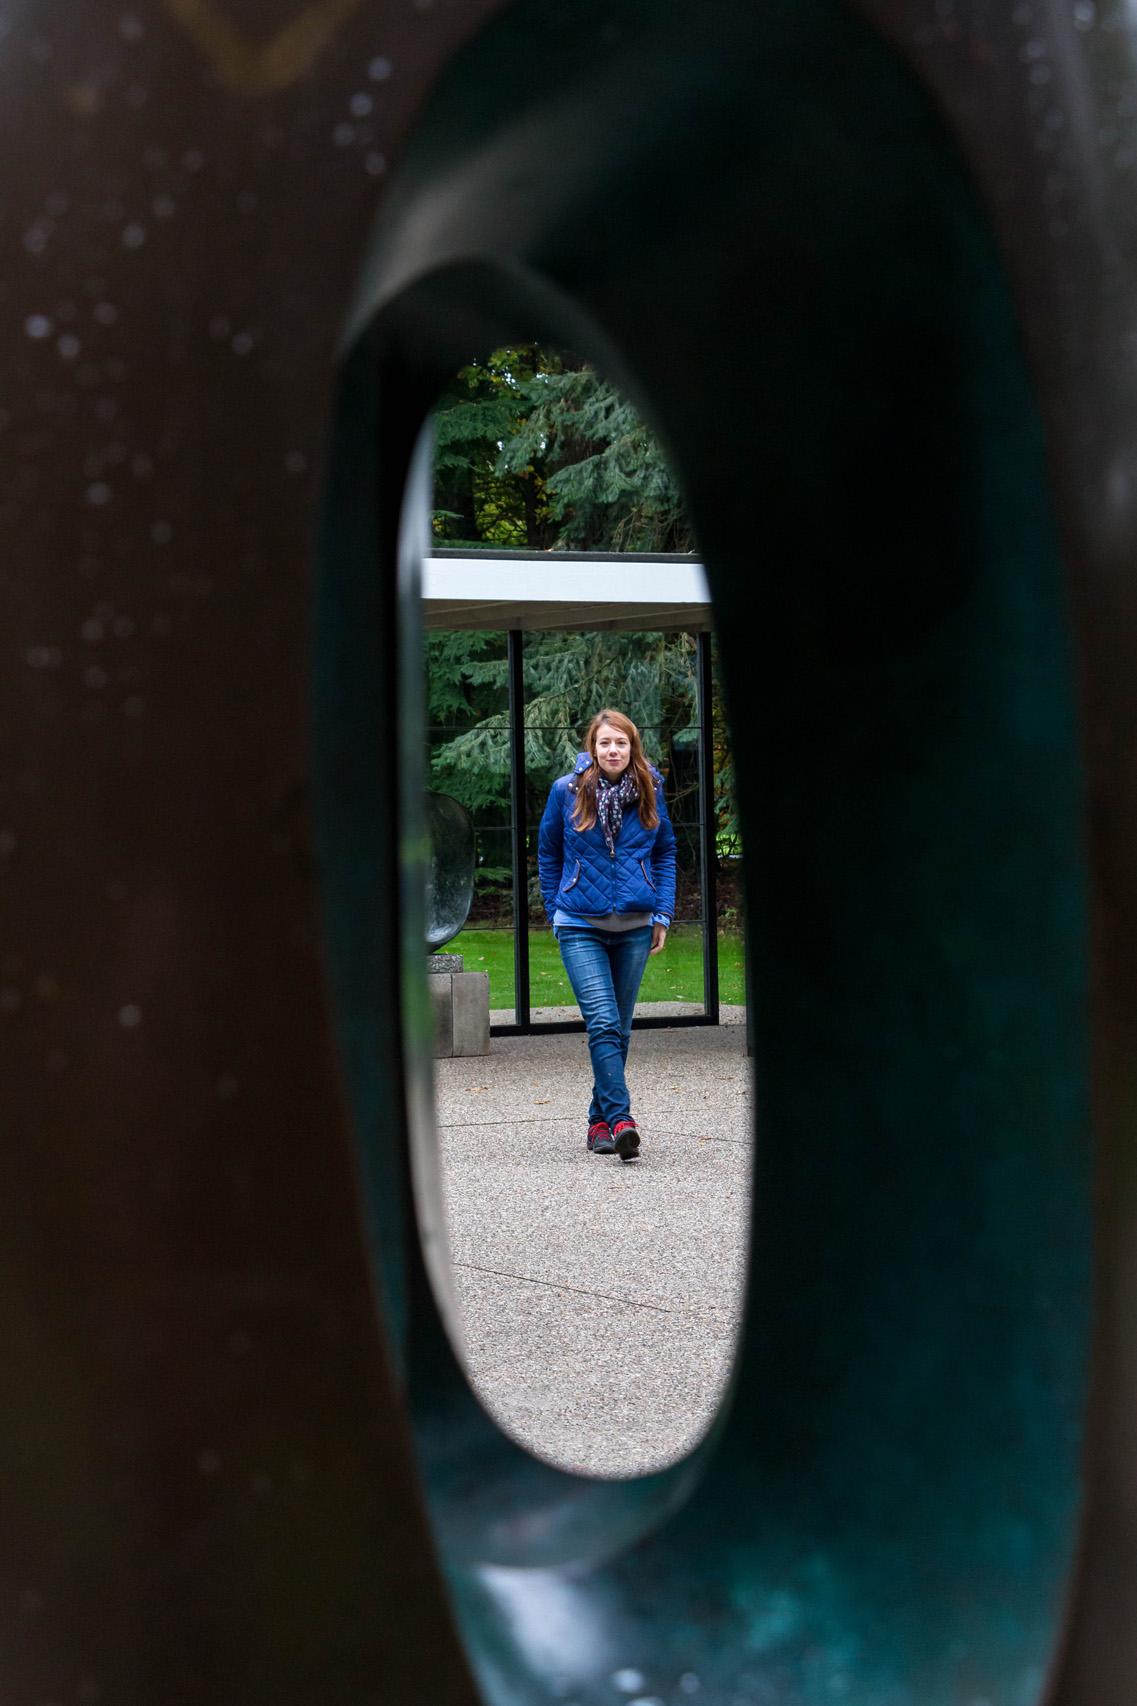 Kroller-muller-sculpture-park